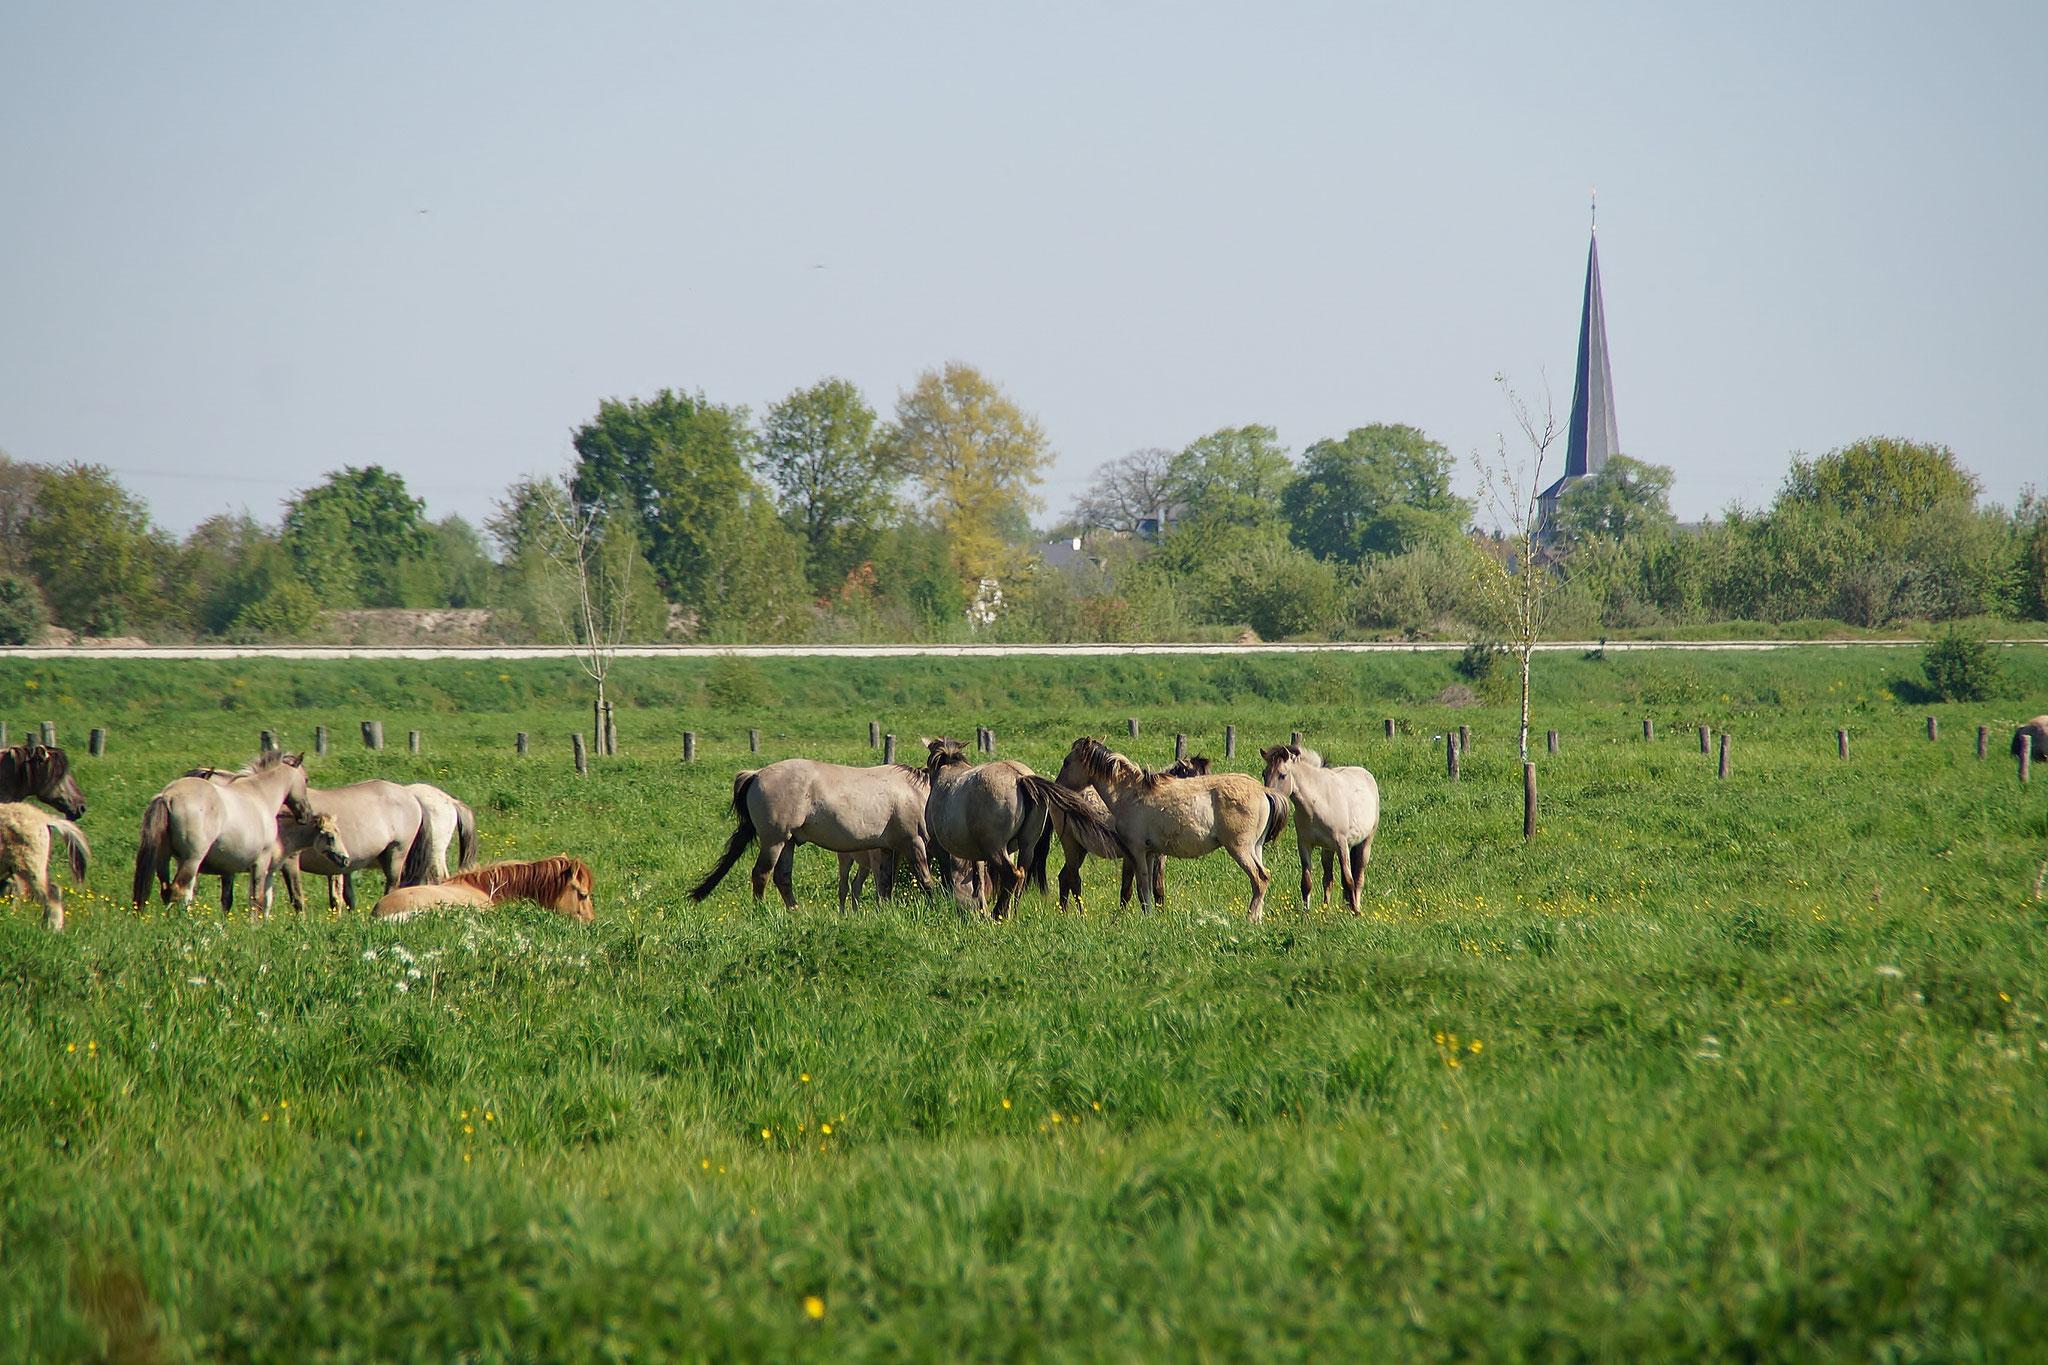 Wildpferde im Naturpark Maas-Schwalm-Nette kurz vor der Grenze nach Maaseik